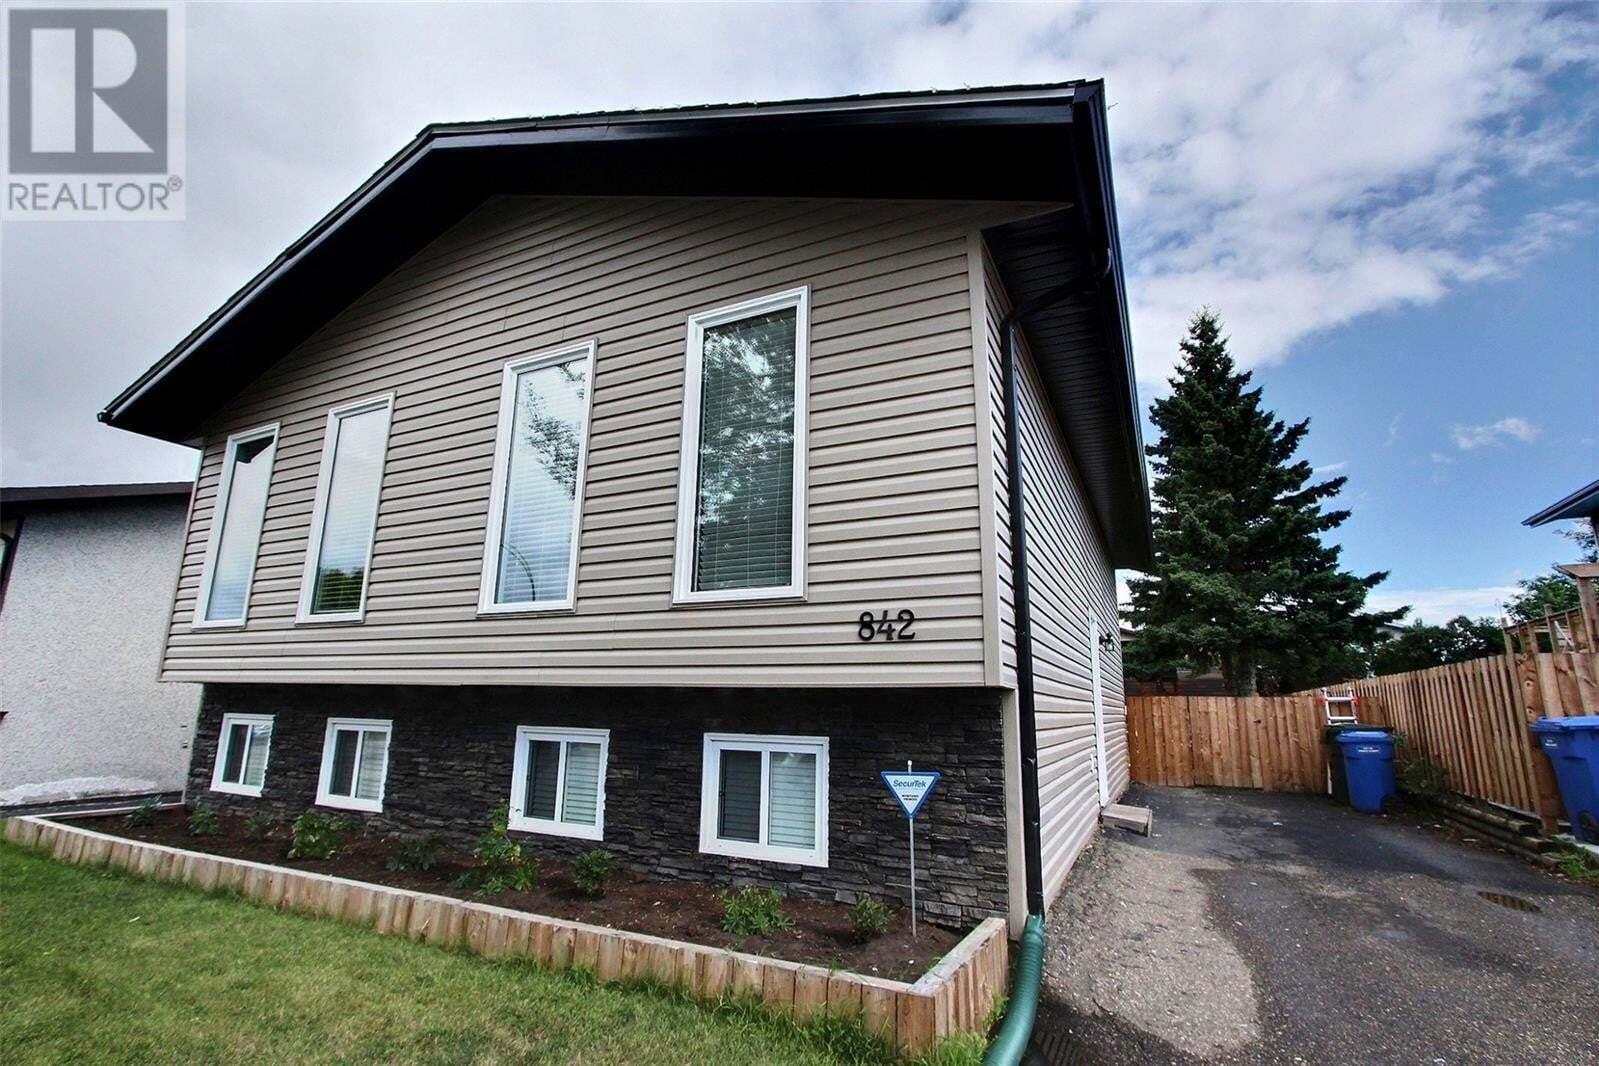 House for sale at 842 Spencer Dr Prince Albert Saskatchewan - MLS: SK824658